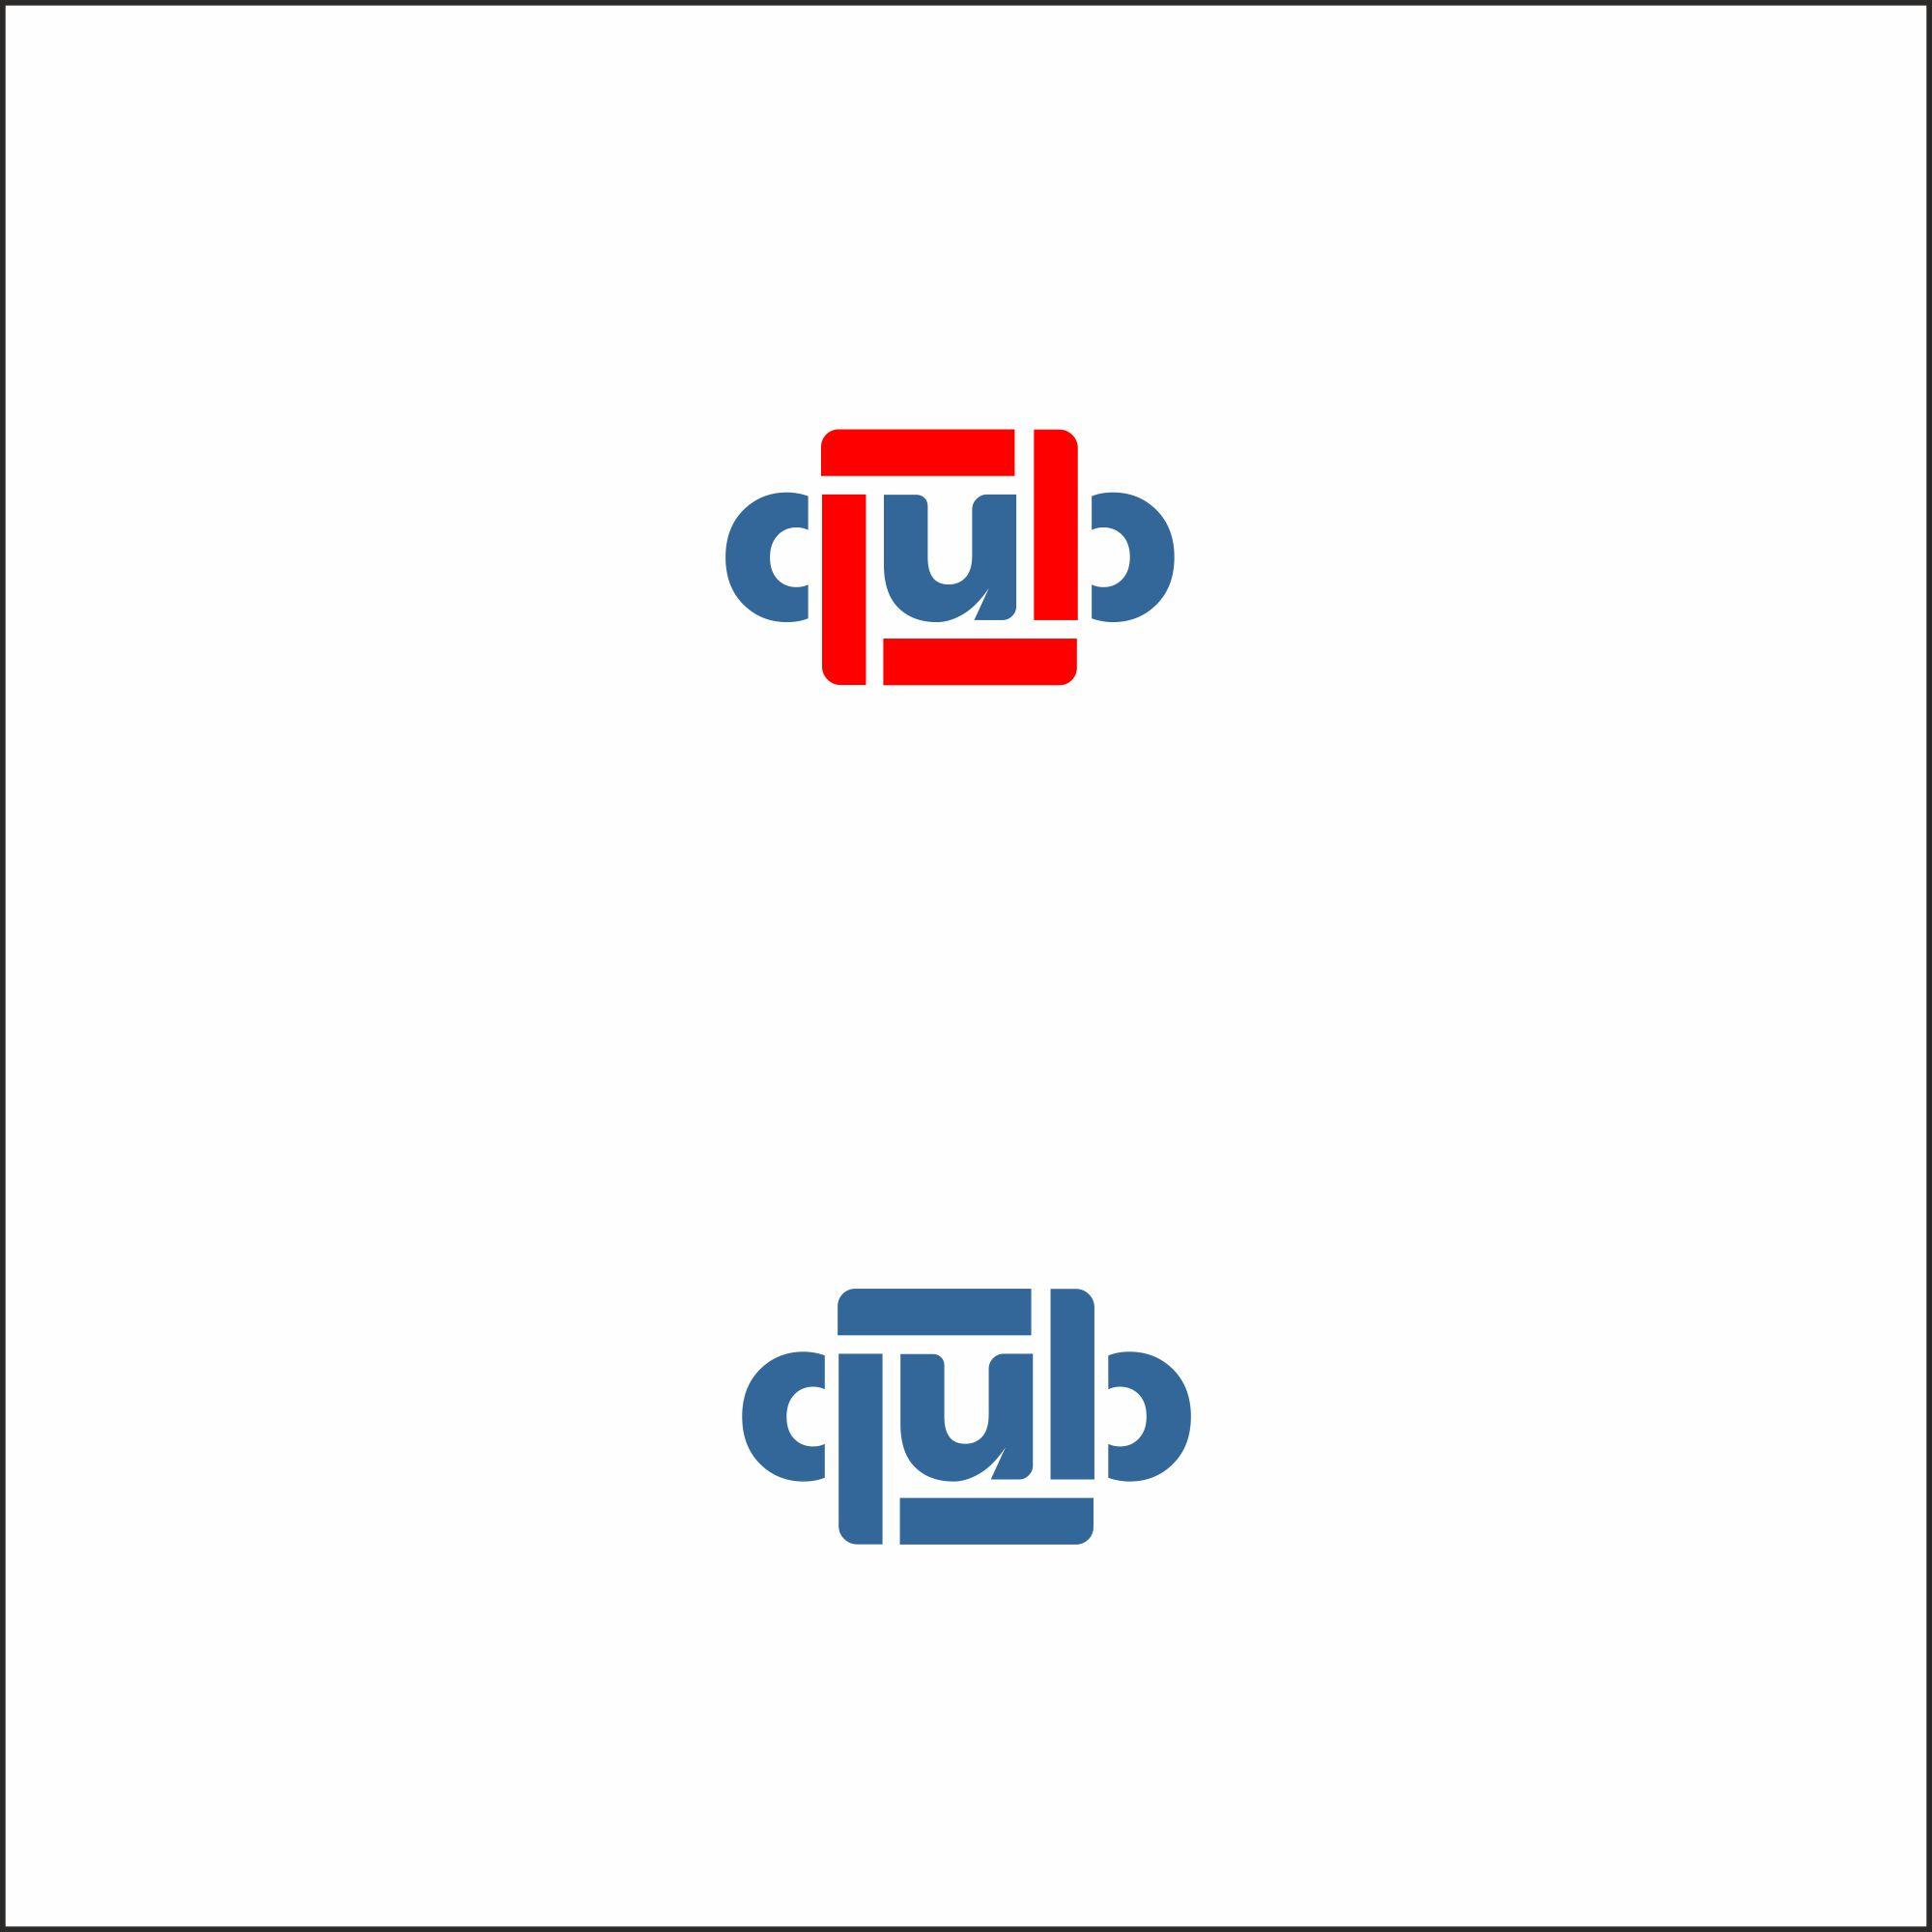 Разработка логотипа и фирменного стиля для ТМ фото f_7995f1eaf996e350.jpg